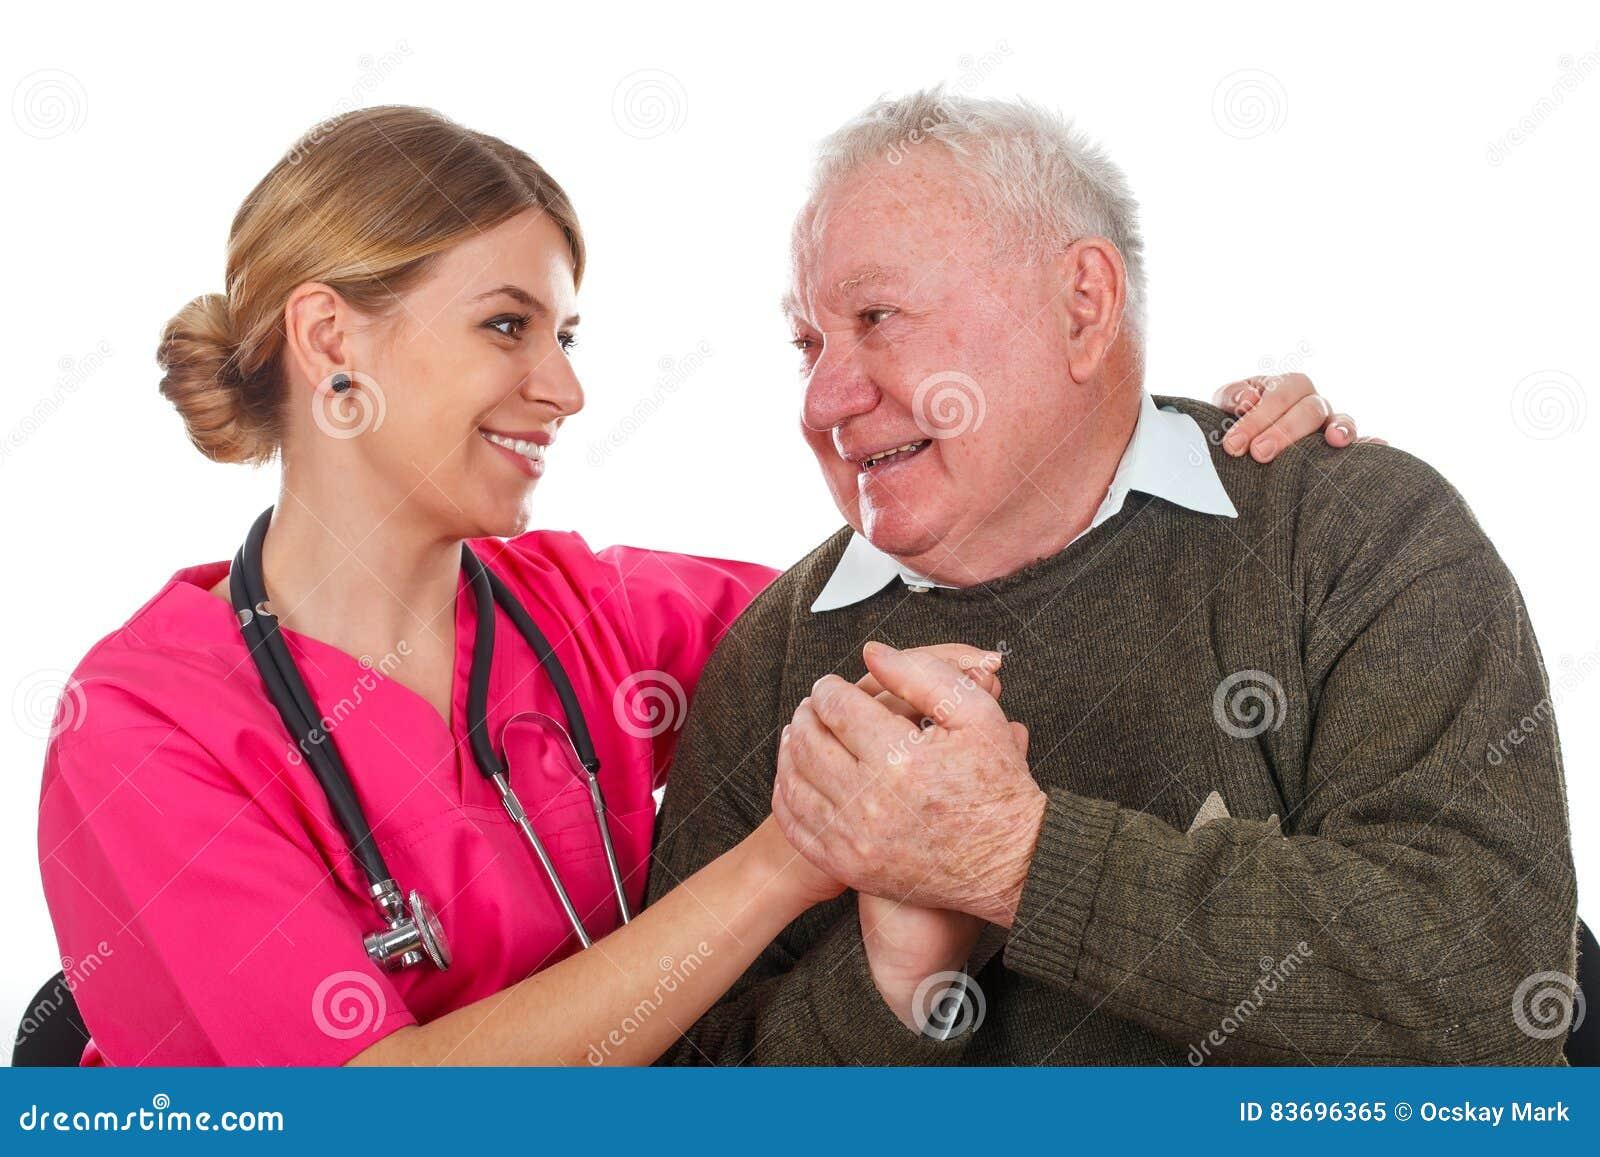 Nós importamo-nos com nossos pacientes